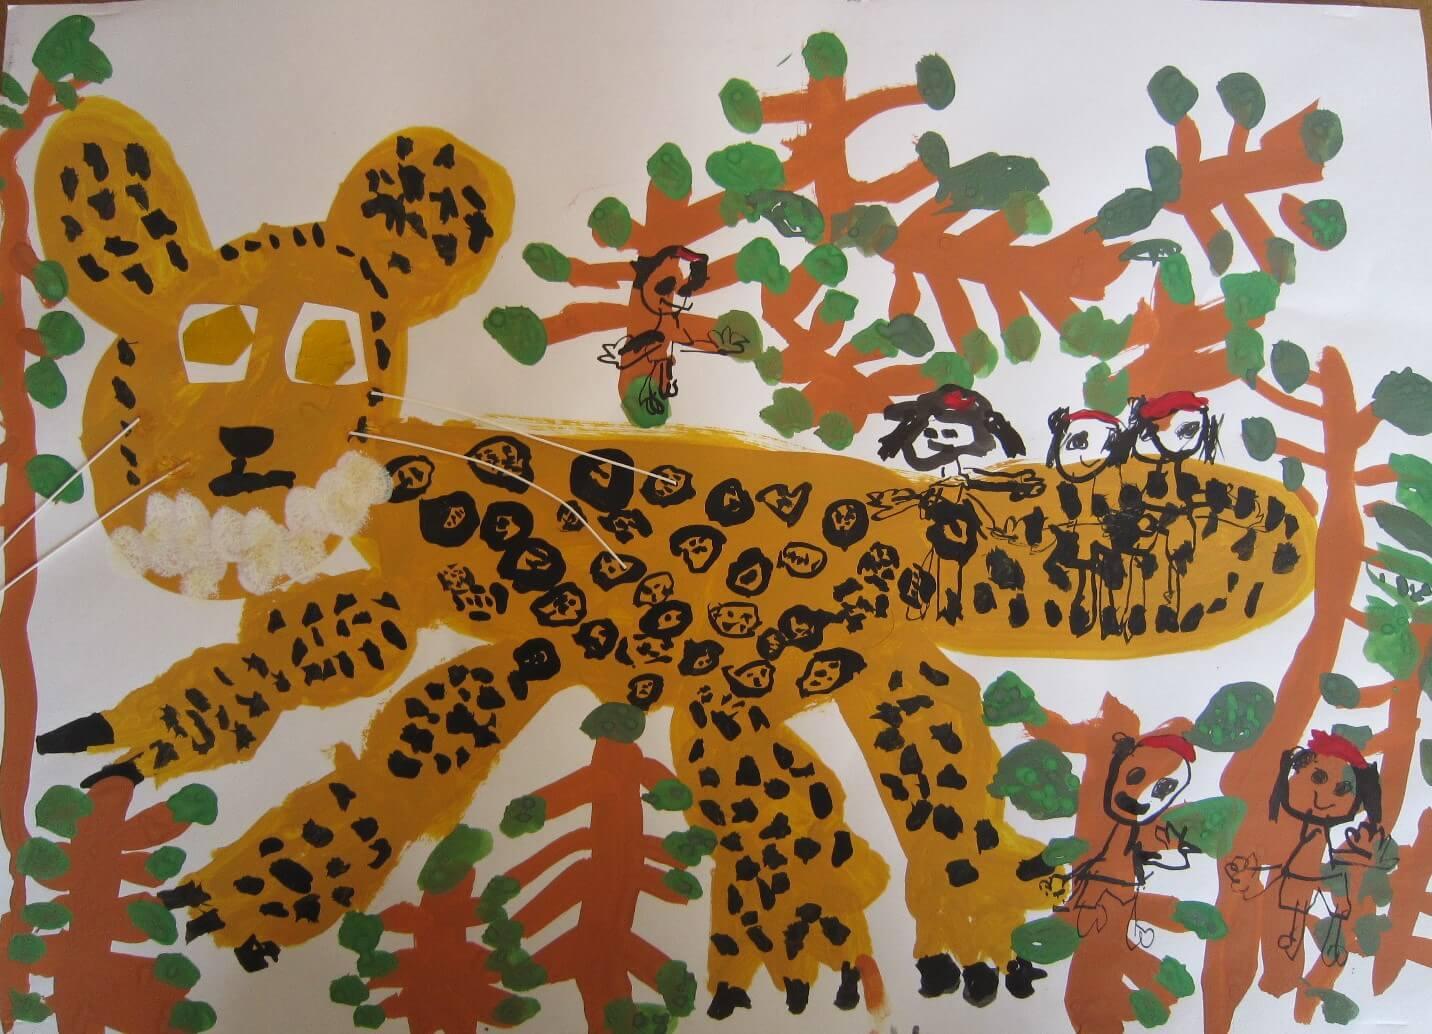 ジャングルでジャガーを見つけたよ